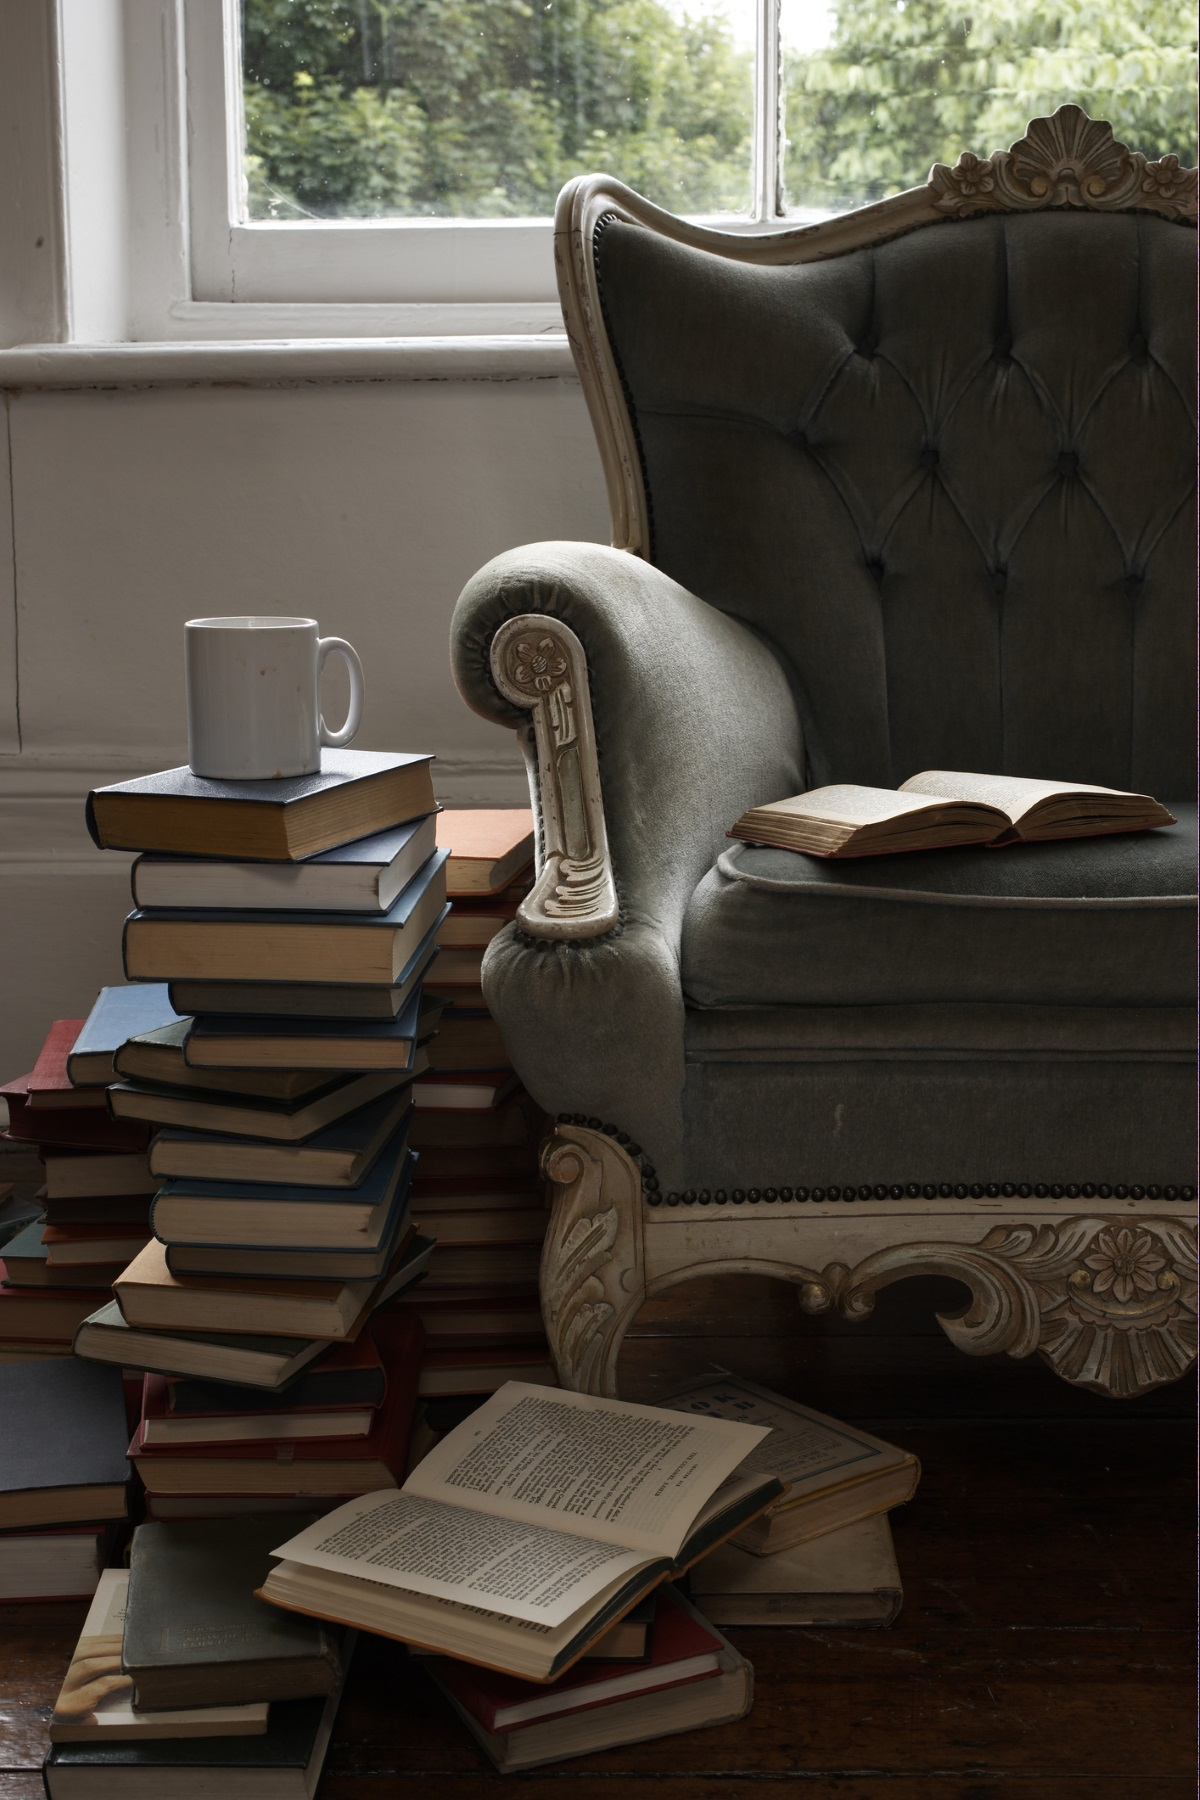 Колекция от книги, филми, плочи, албуми... - разкриват един цял свят от миналото ви, който сега споделяте с половинката и децата си.